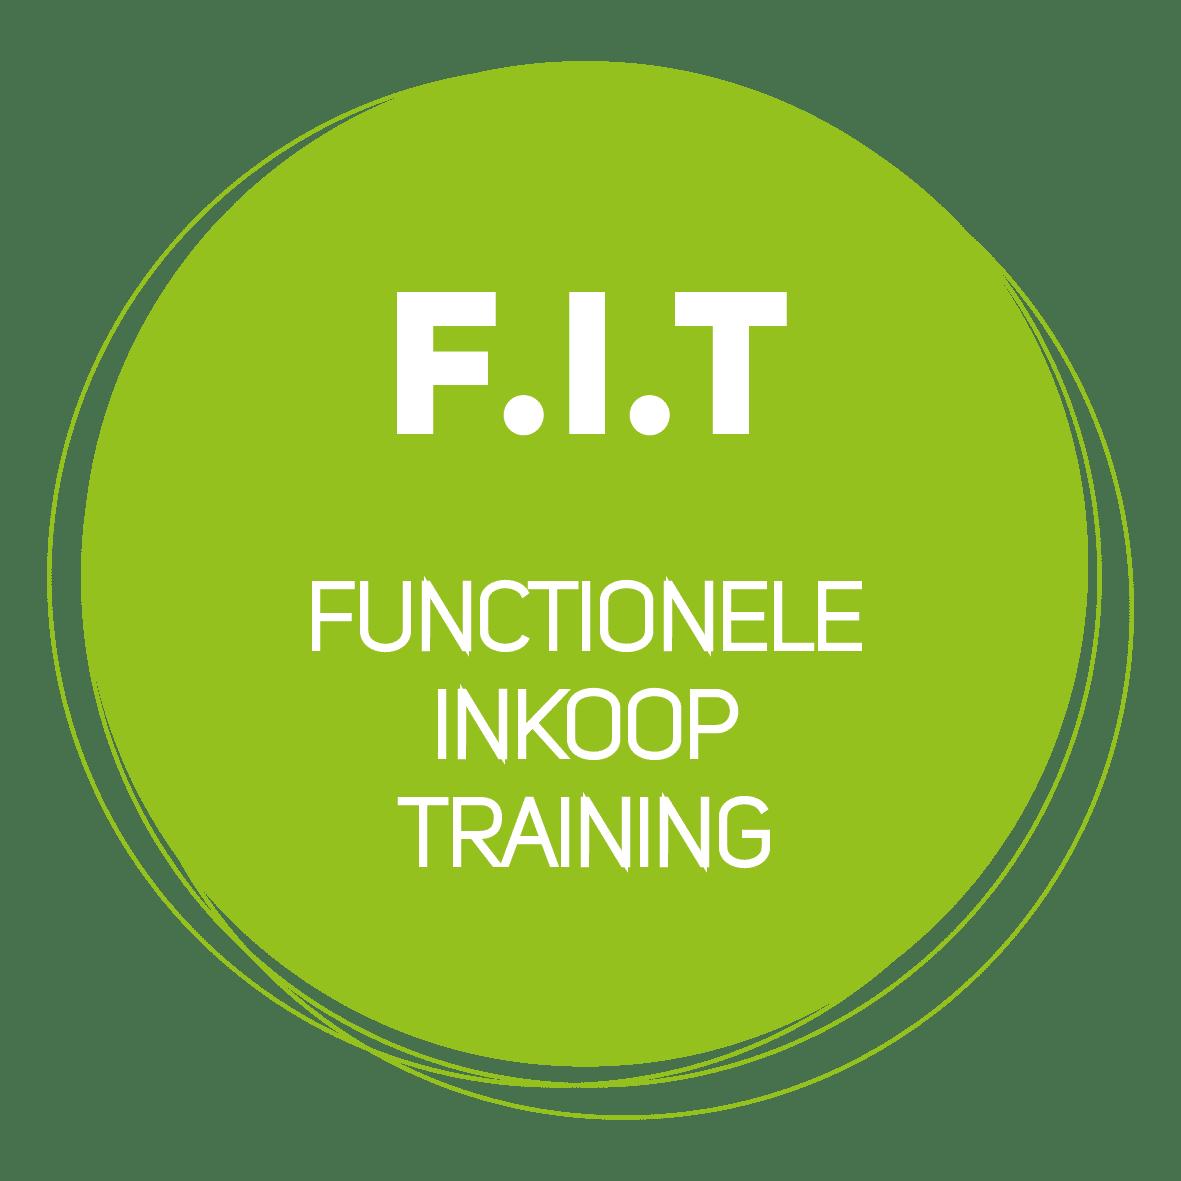 sites/41164617/Functionele Inkoop Training.png